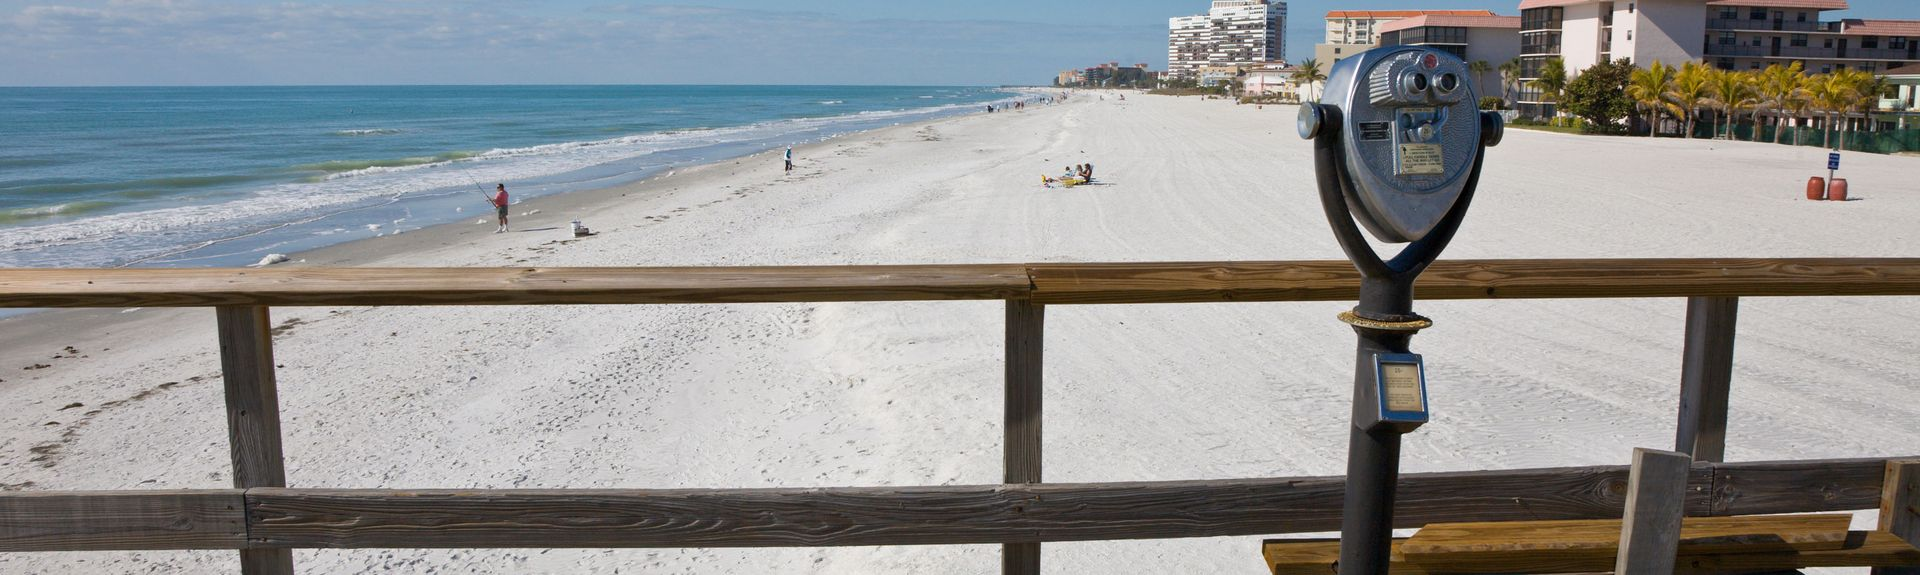 Redington Beach, FL, USA